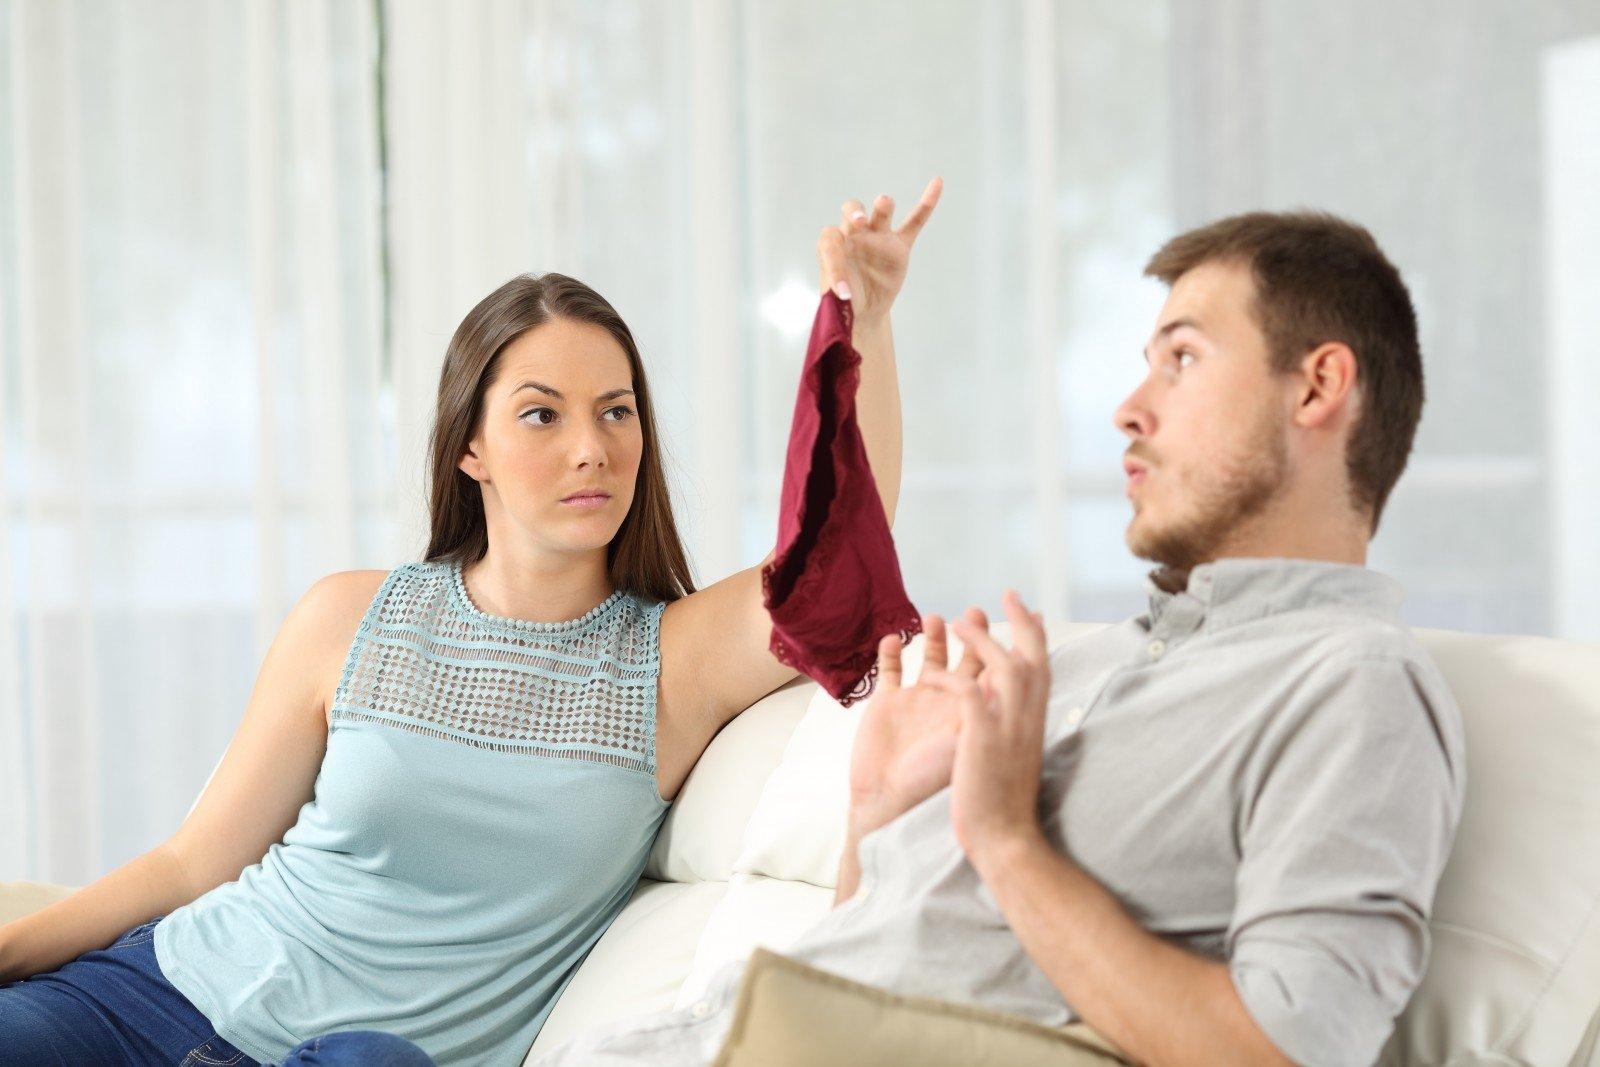 Смотреть жены трахаются с любовниками, мою жену ебет любовник - лучшее порно видео на 12 фотография